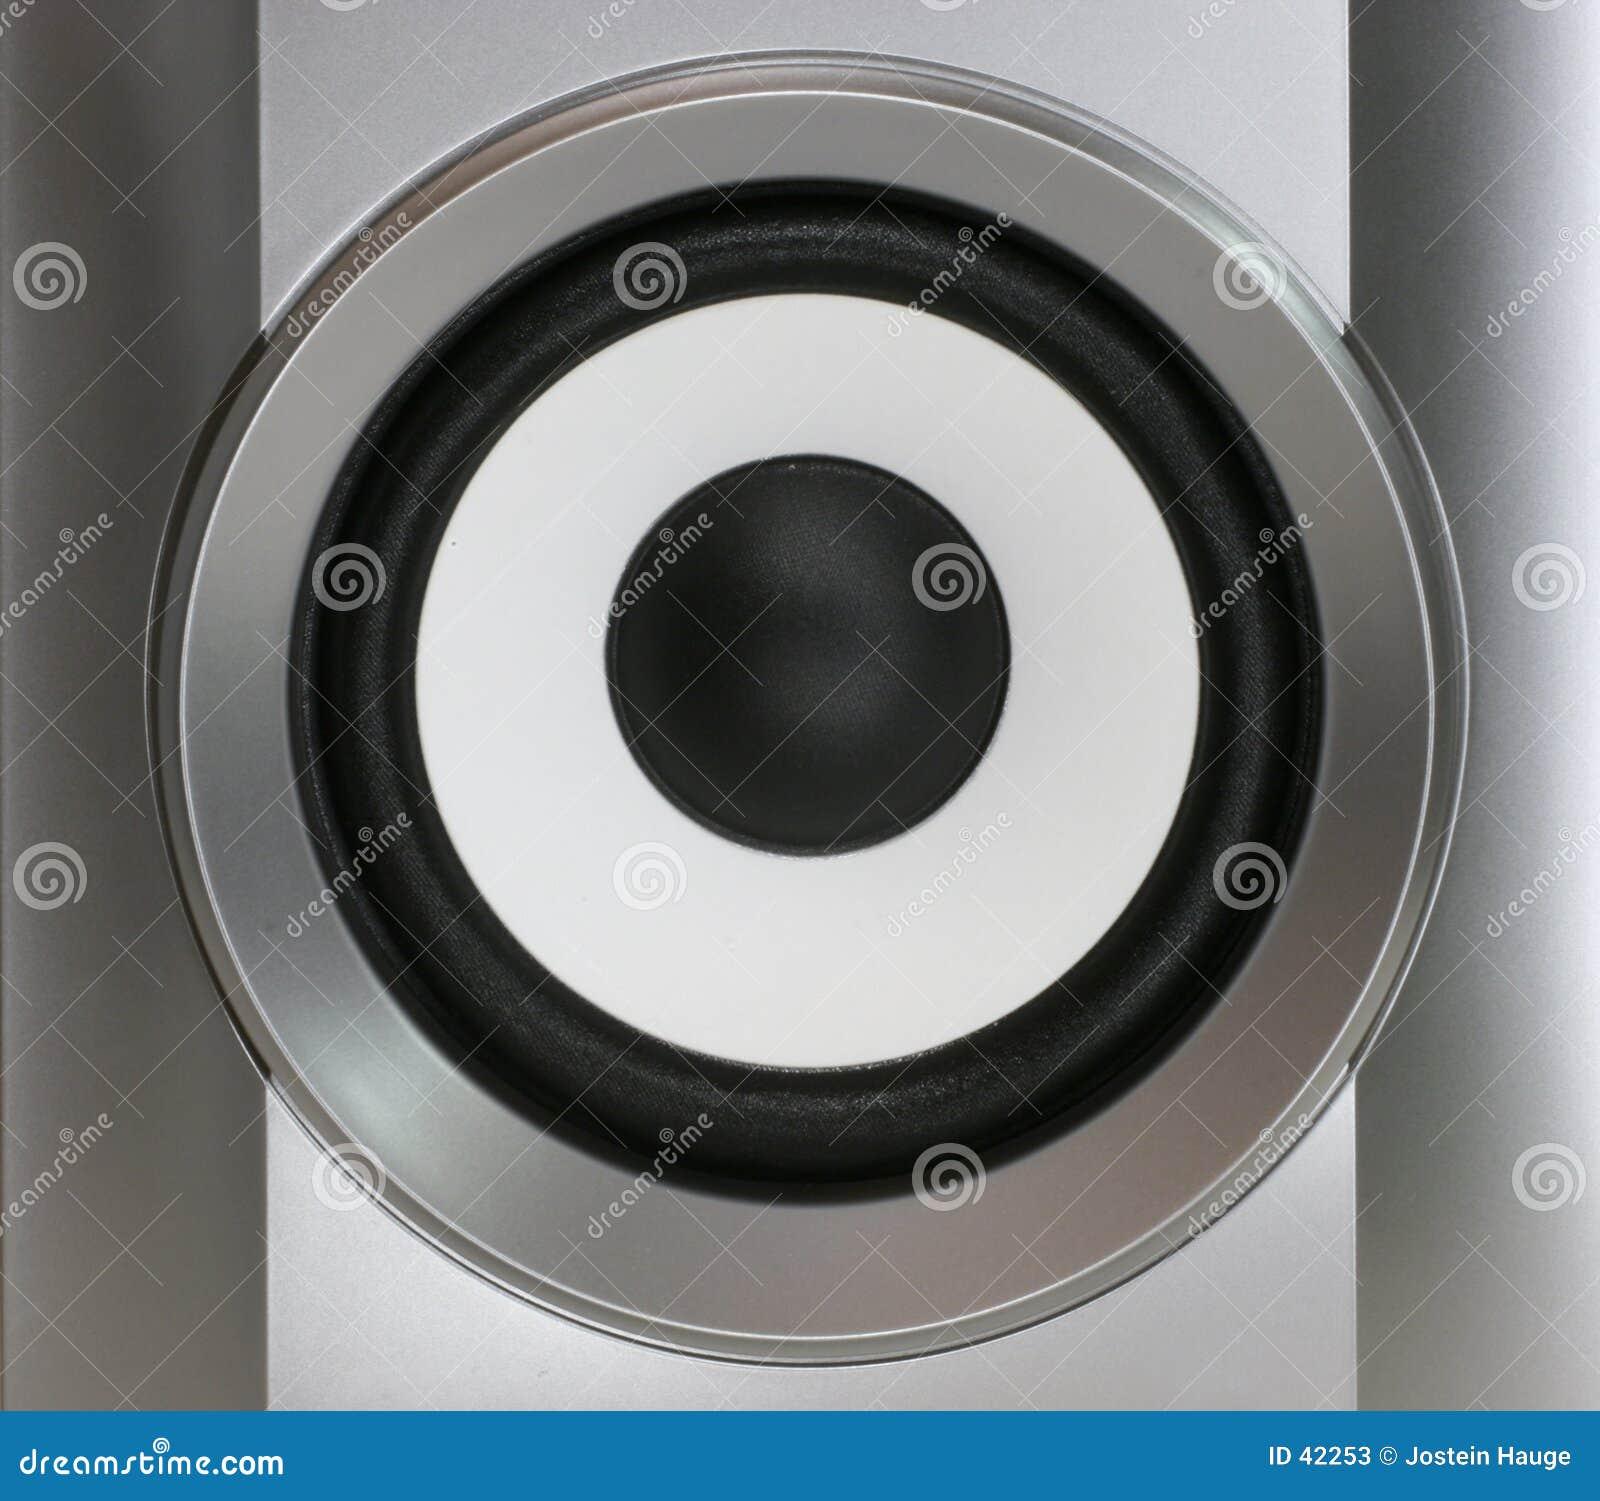 Download Altavoz imagen de archivo. Imagen de ruido, altavoz, tecnología - 42253